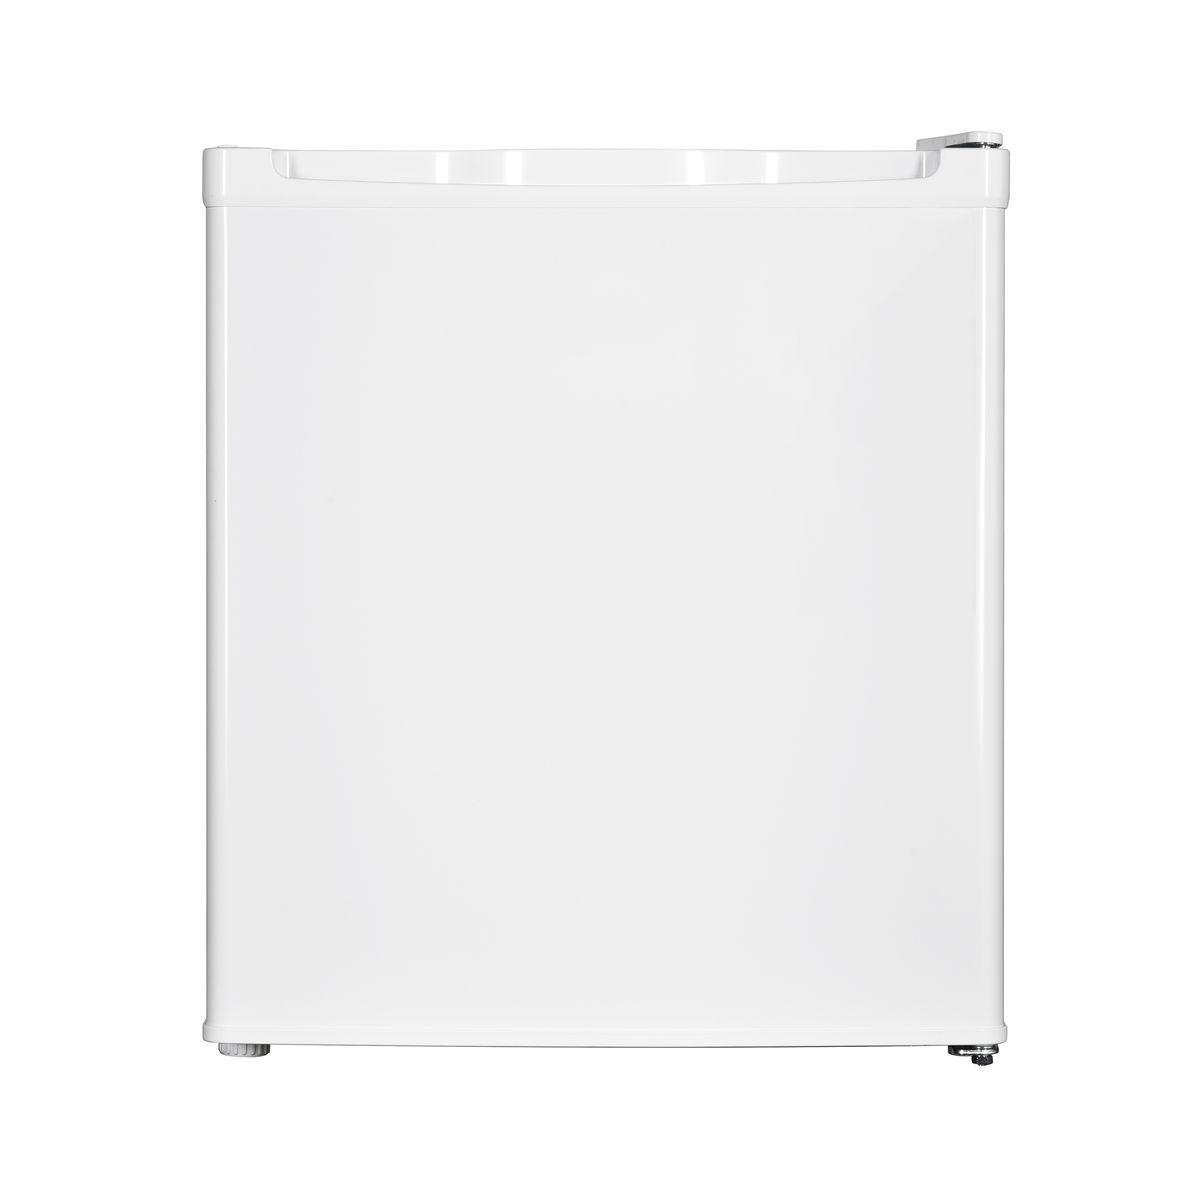 Réfrigérateur table top 154 469, 40 L, Froid statique